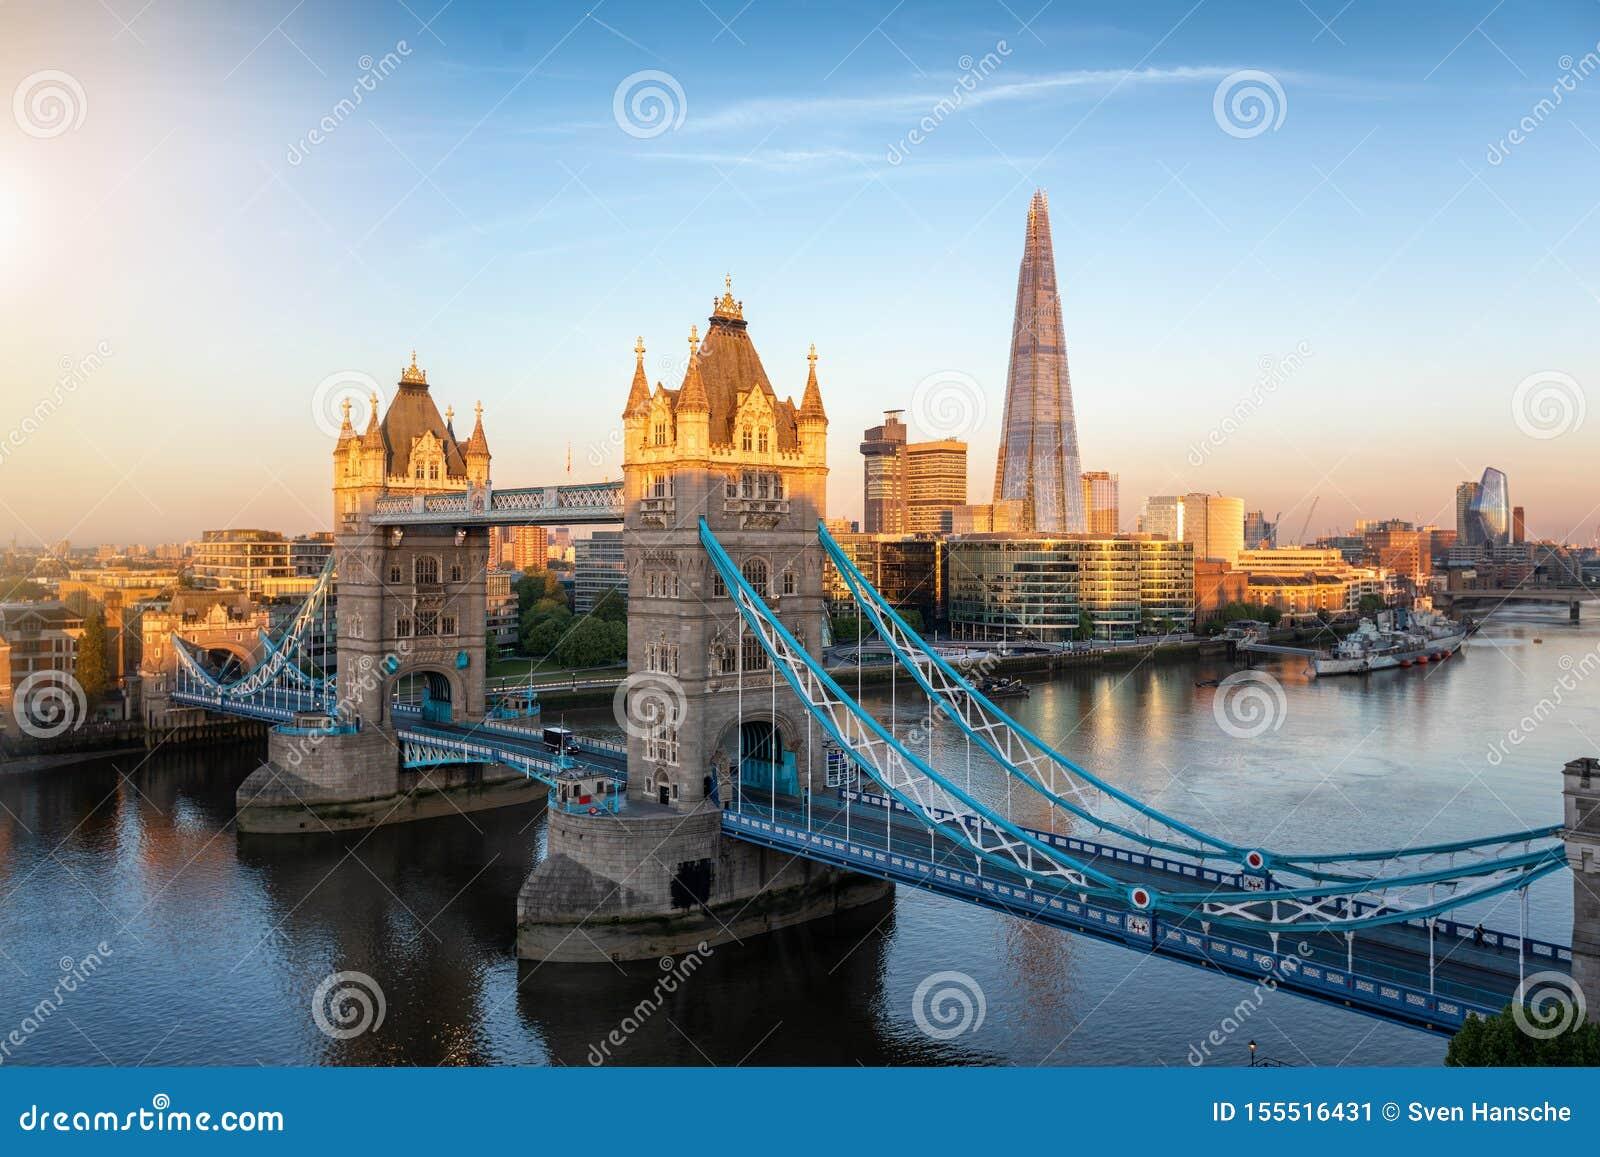 Εναέρια άποψη στην εικονικούς γέφυρα πύργων και τον ορίζοντα του Λονδίνου, UK